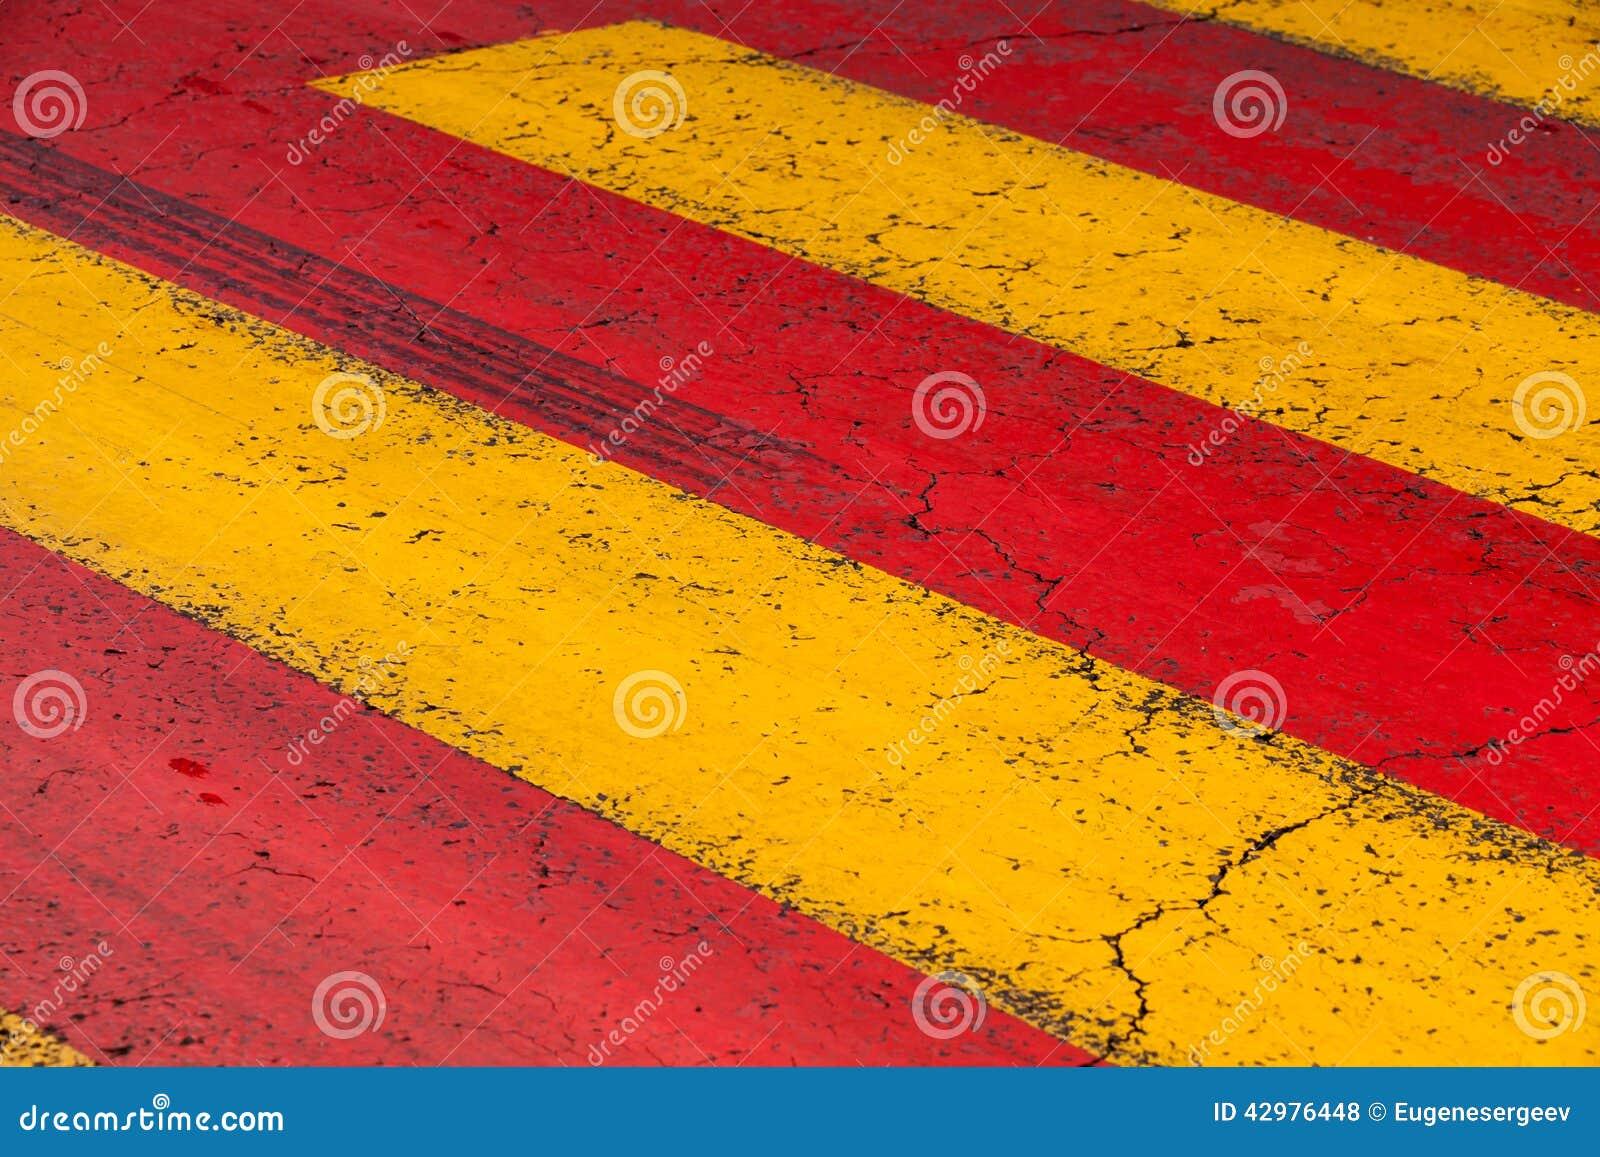 Líneas de la marca de camino del paso de peatones, amarillas y rojas